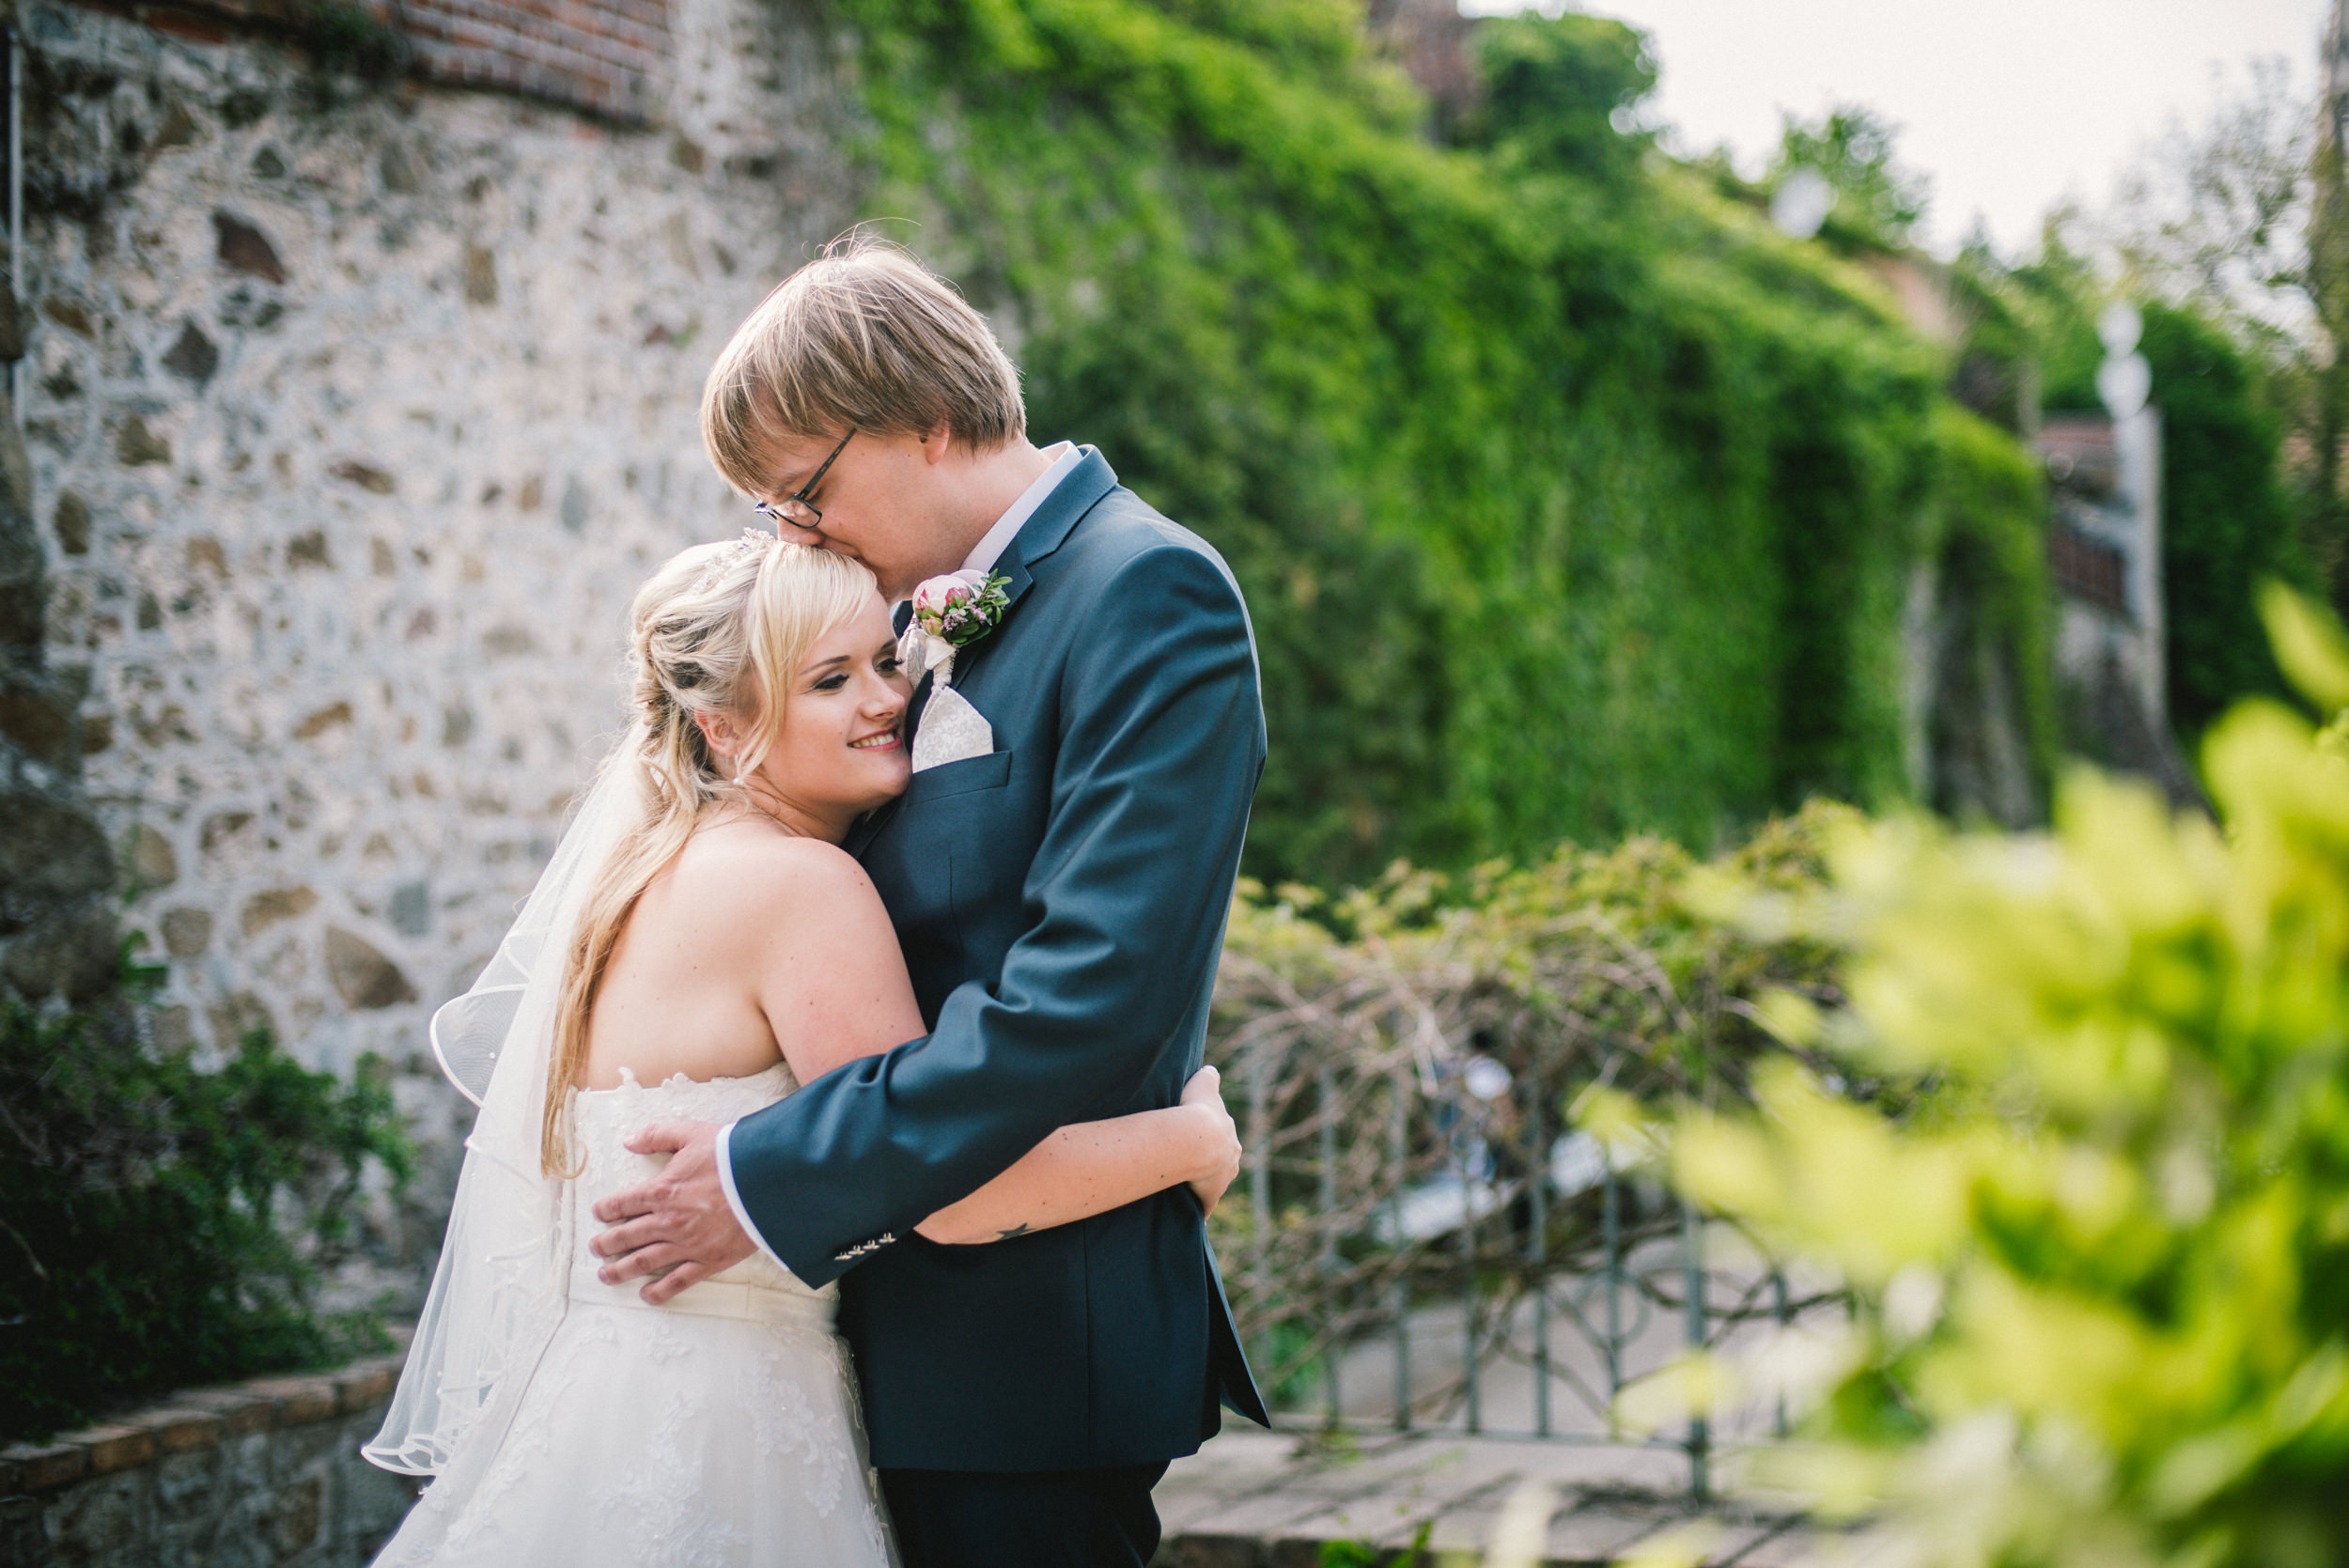 Paul_Glaser_Hochzeitsfotograf-11